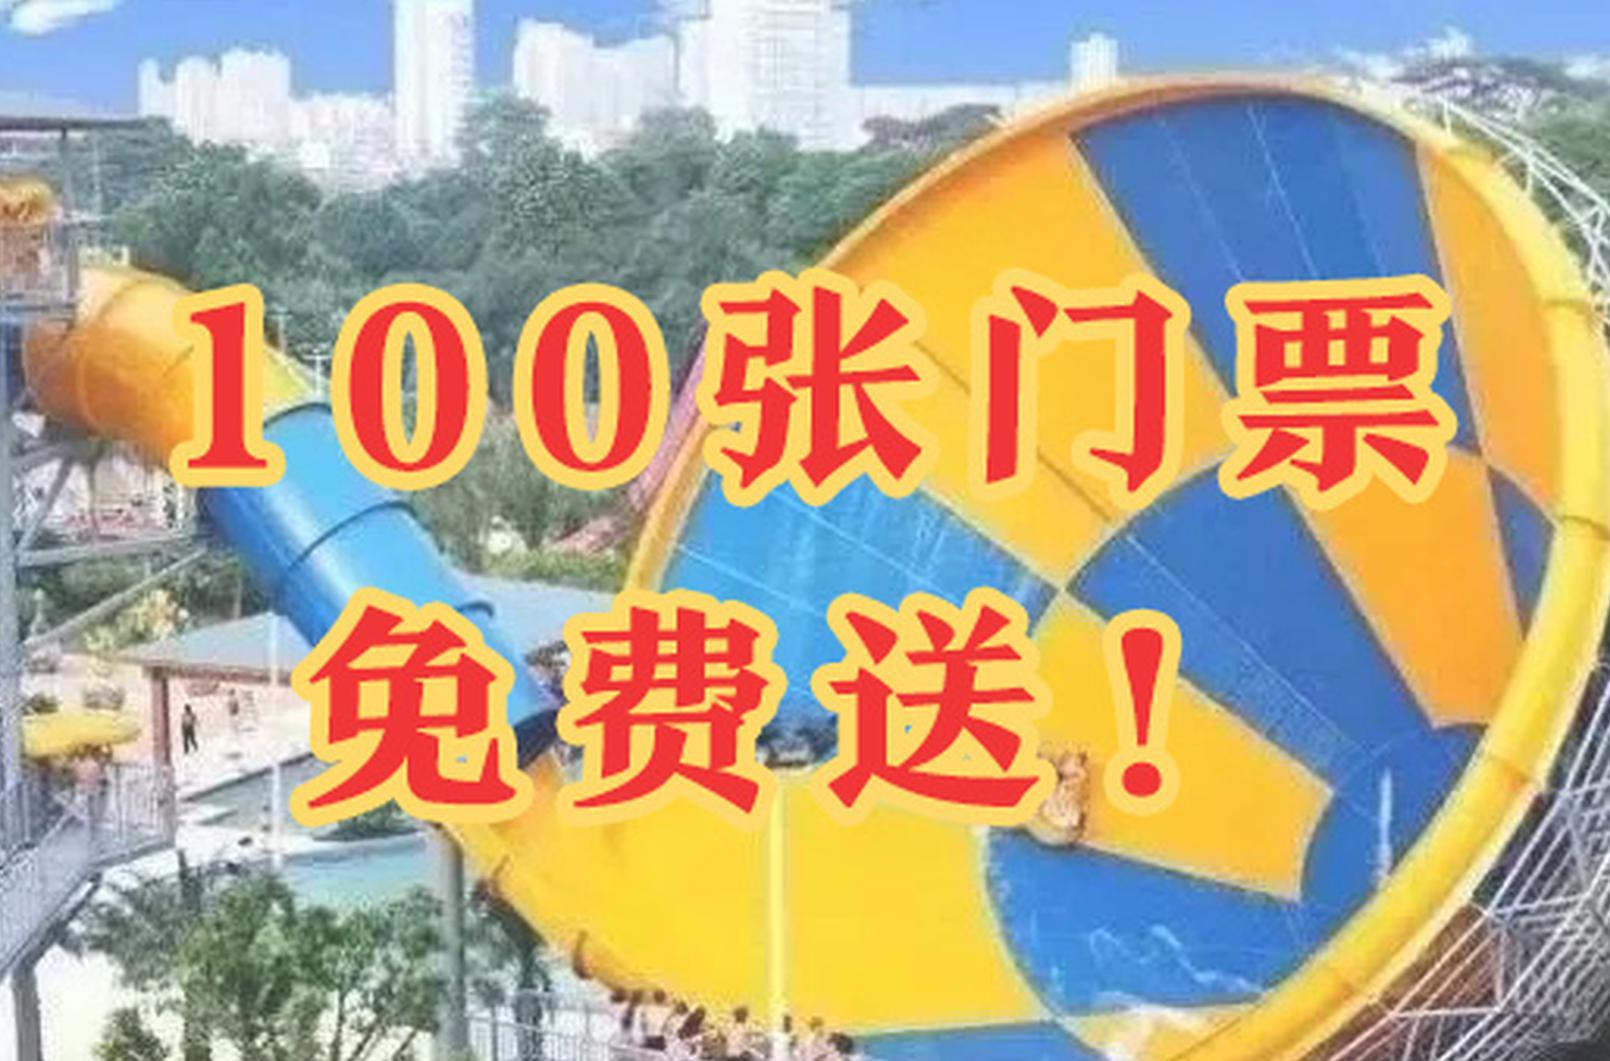 #隐贤山庄水上乐园#狂欢季!